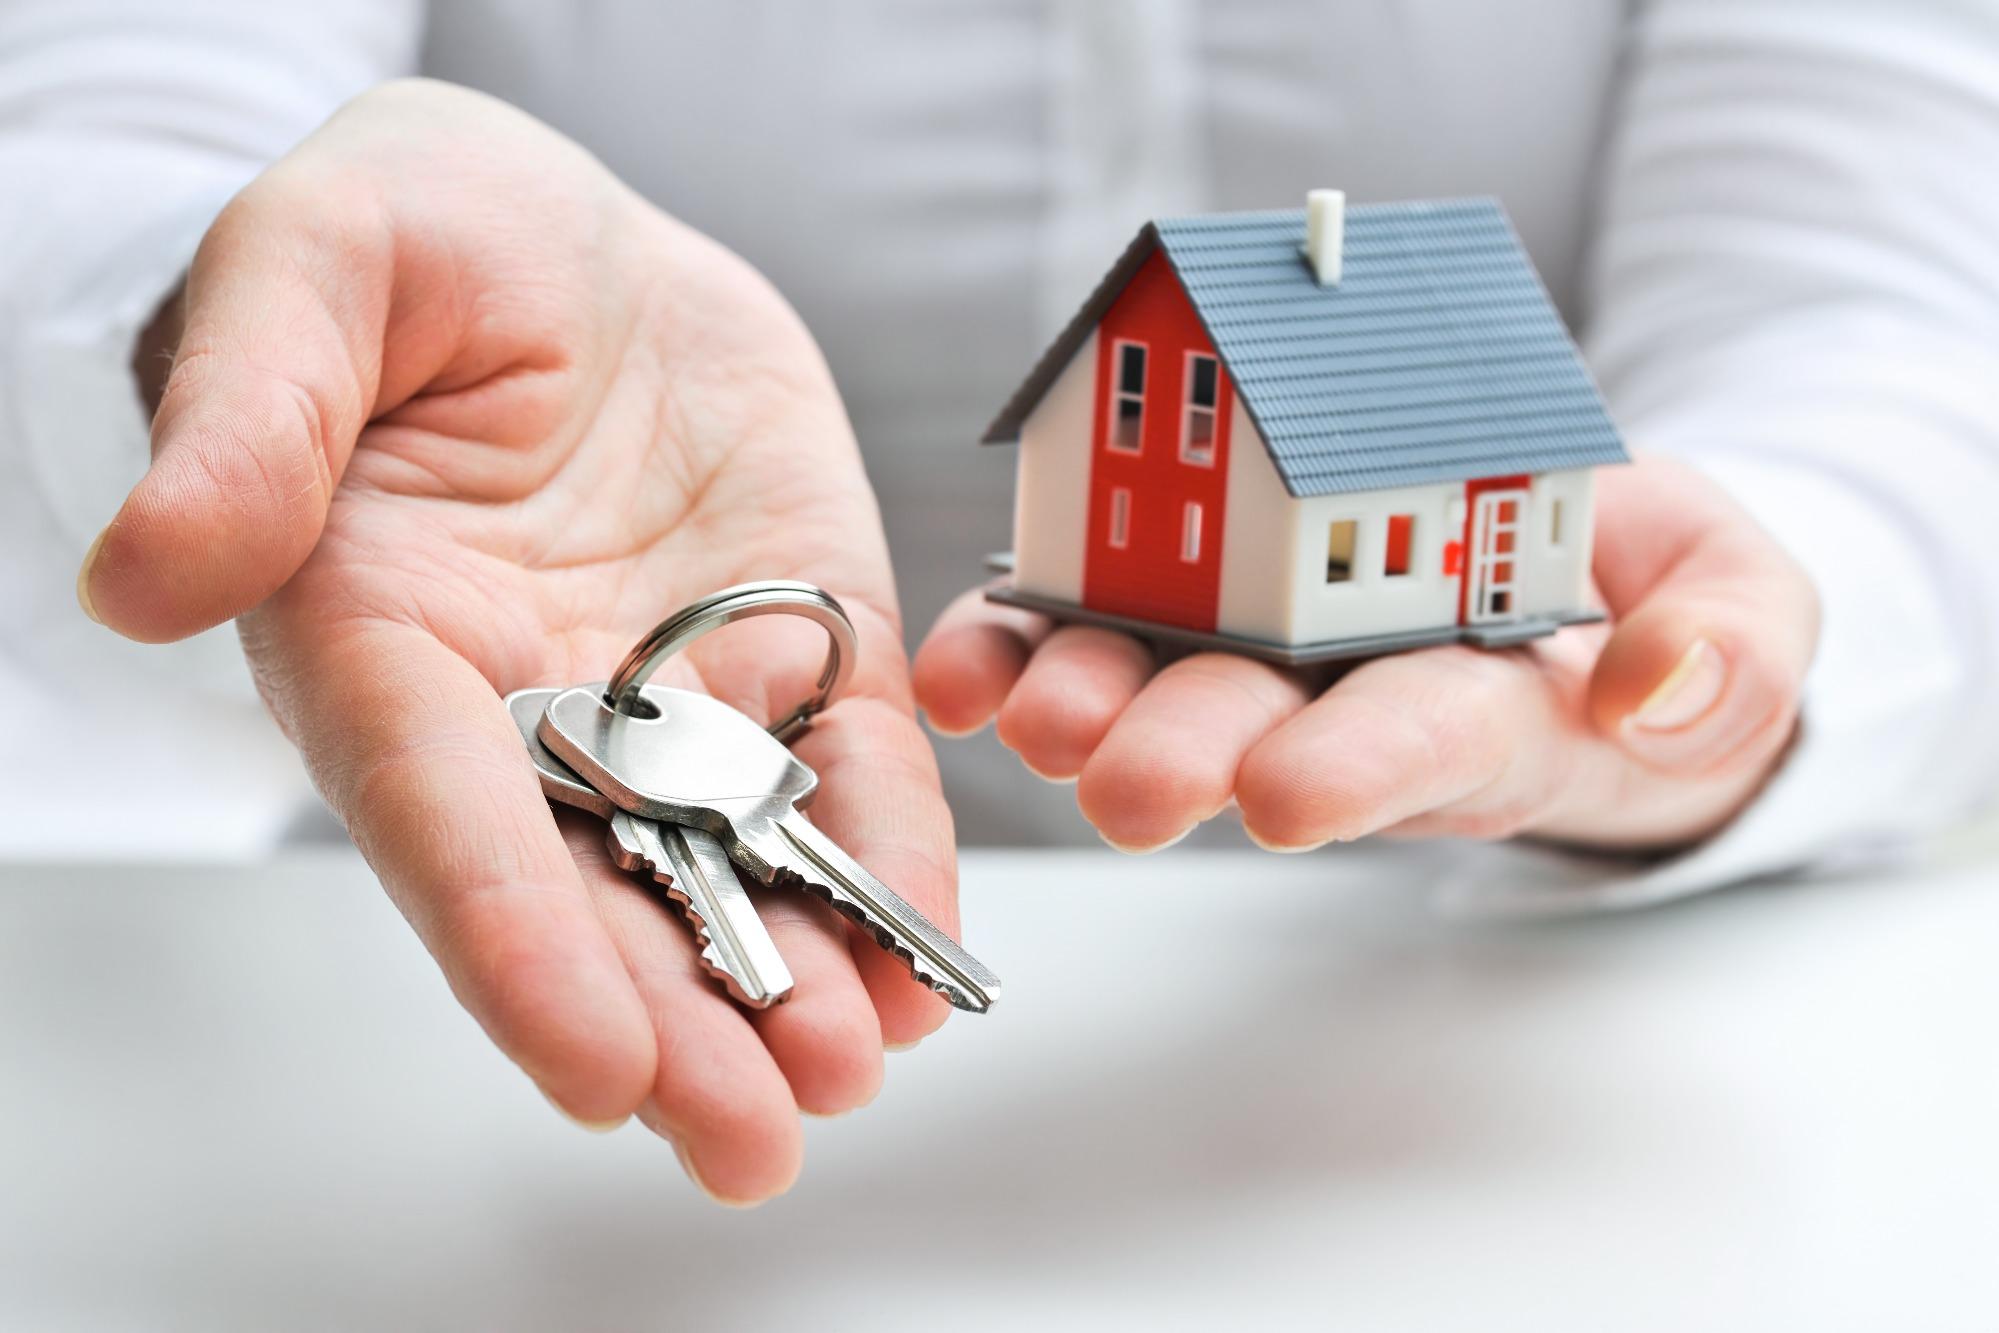 расширение жилищных условий